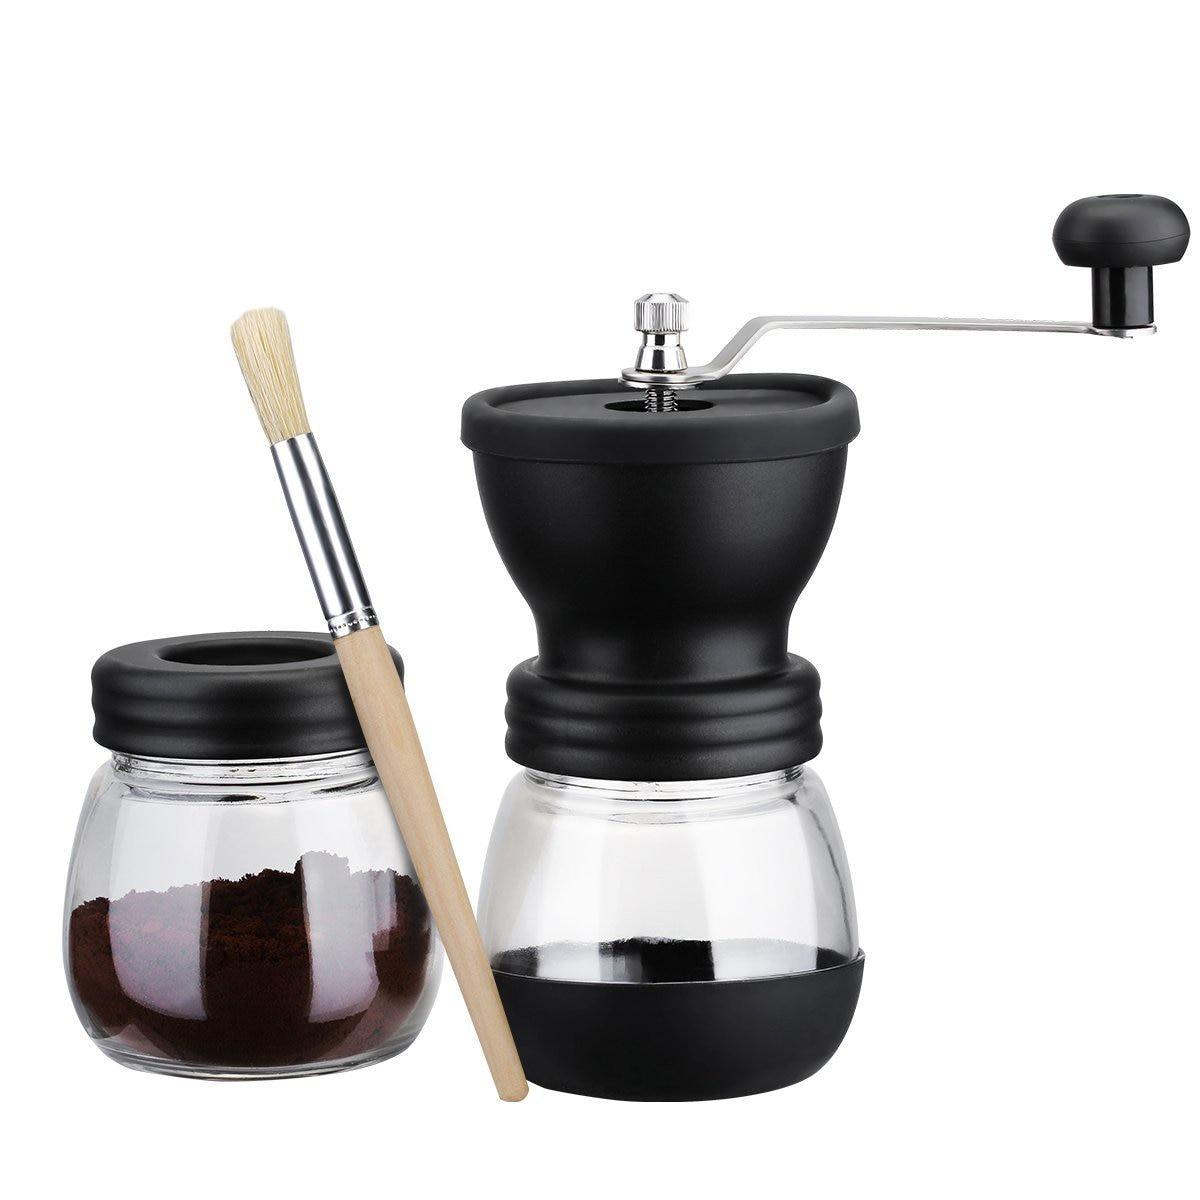 Горячая ручная кофемолка с баночкой для хранения мягкая щетка коническая керамическая заусенцы тихая и портативная